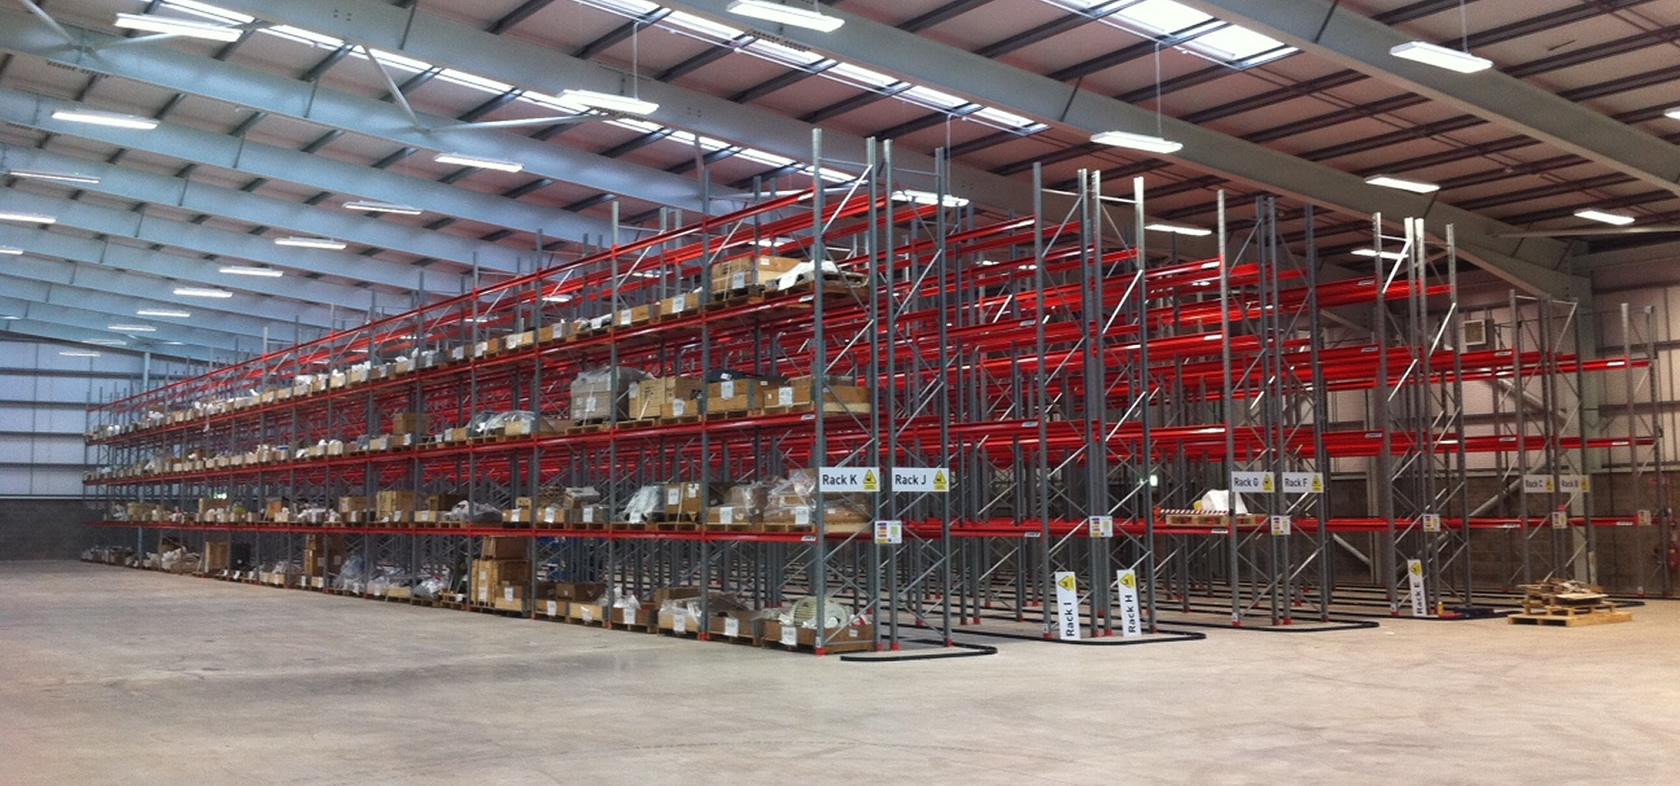 5s Methodology Warehouse And Storage Explained Thistle